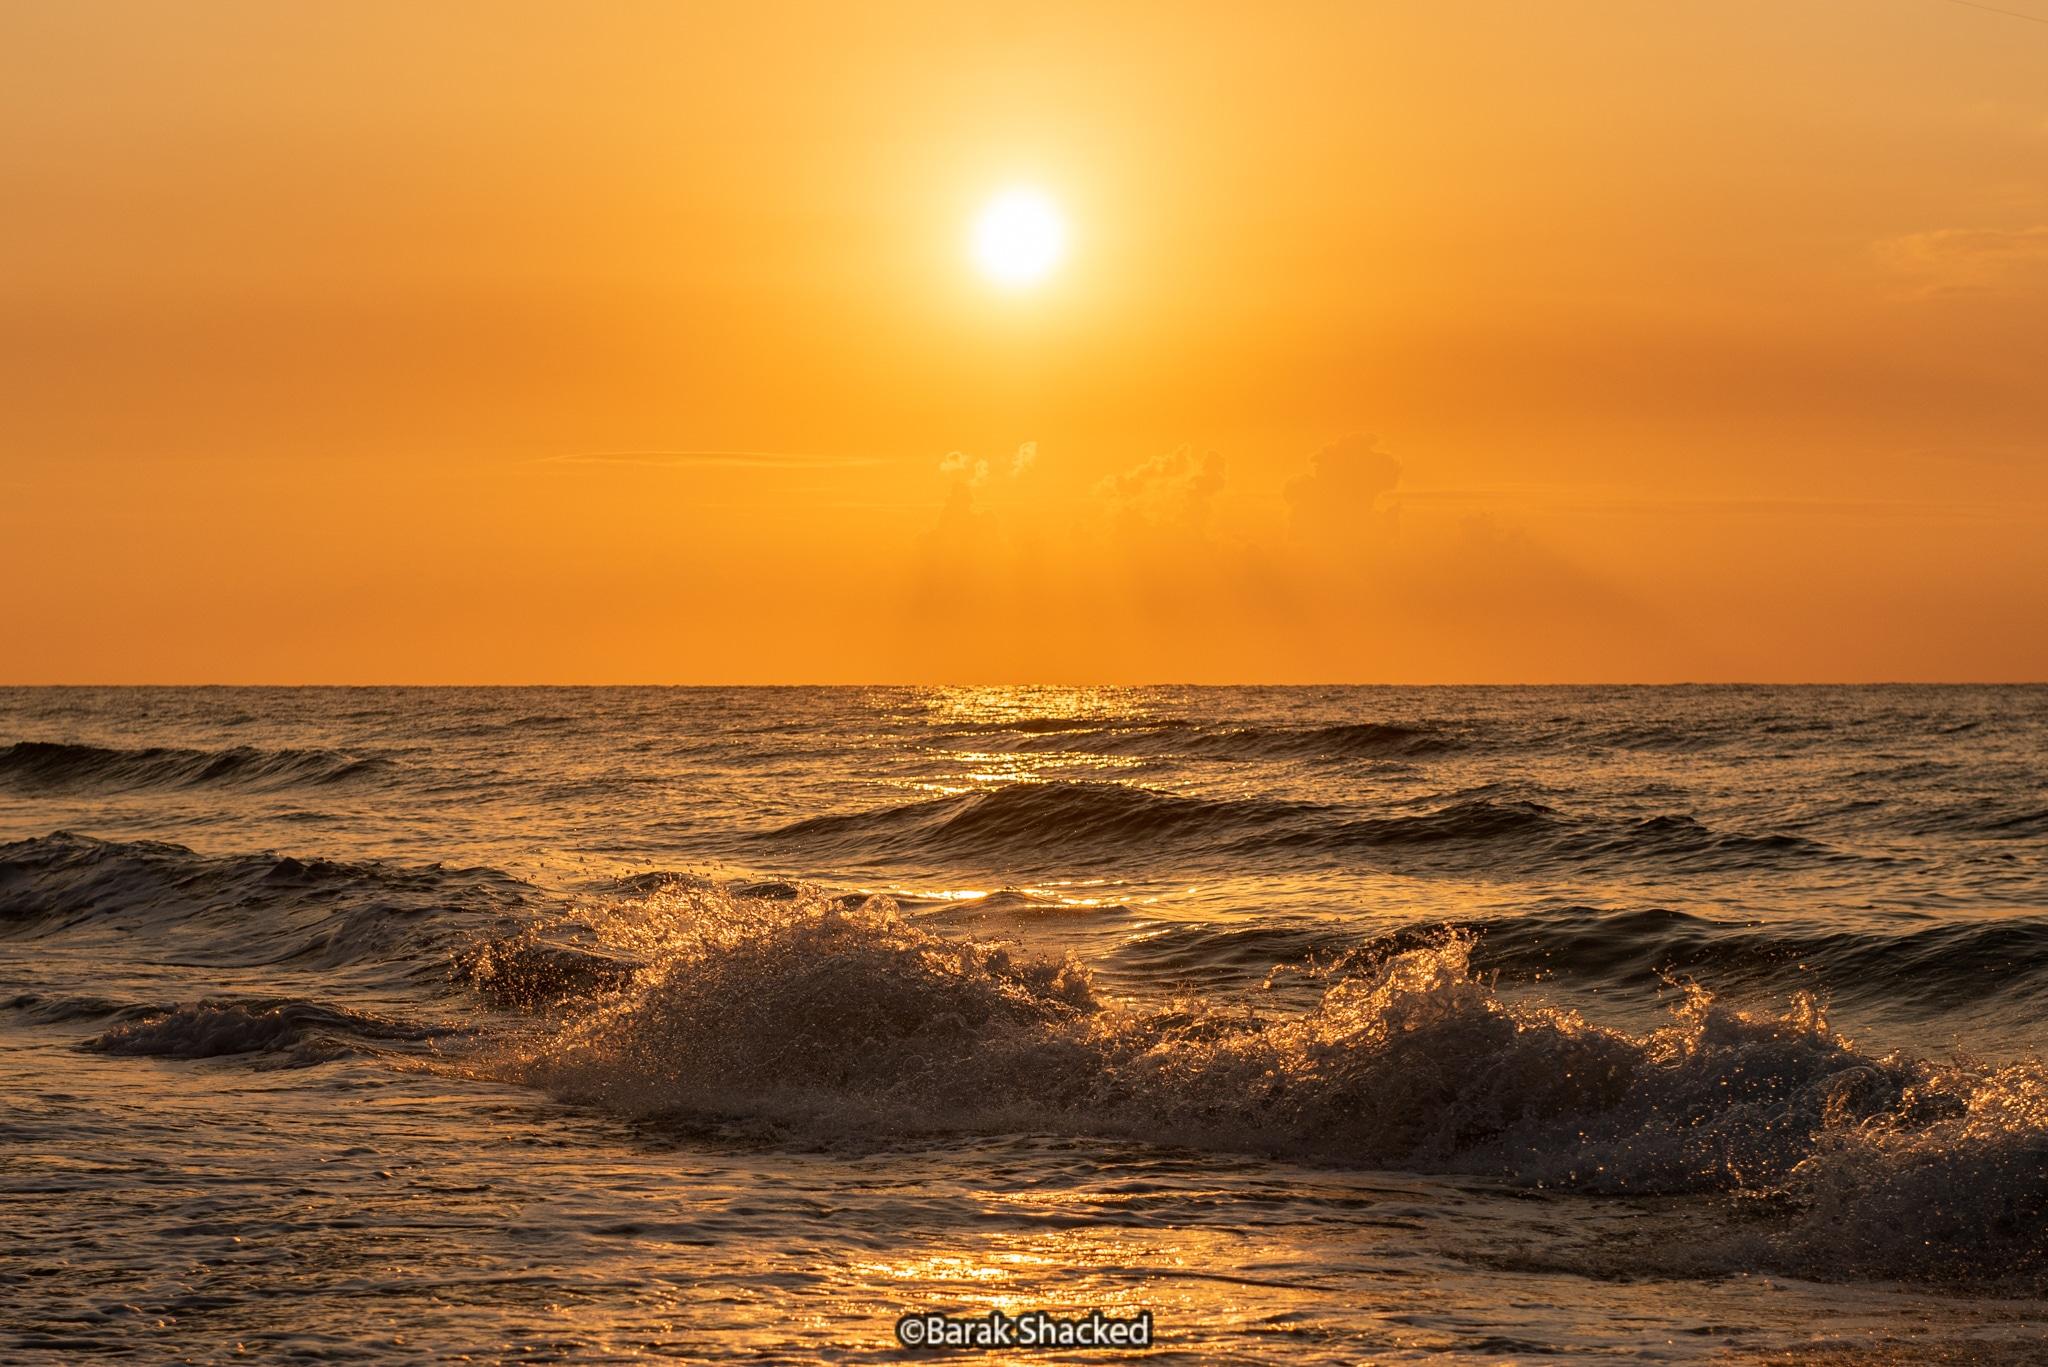 הקפאת גלים בים